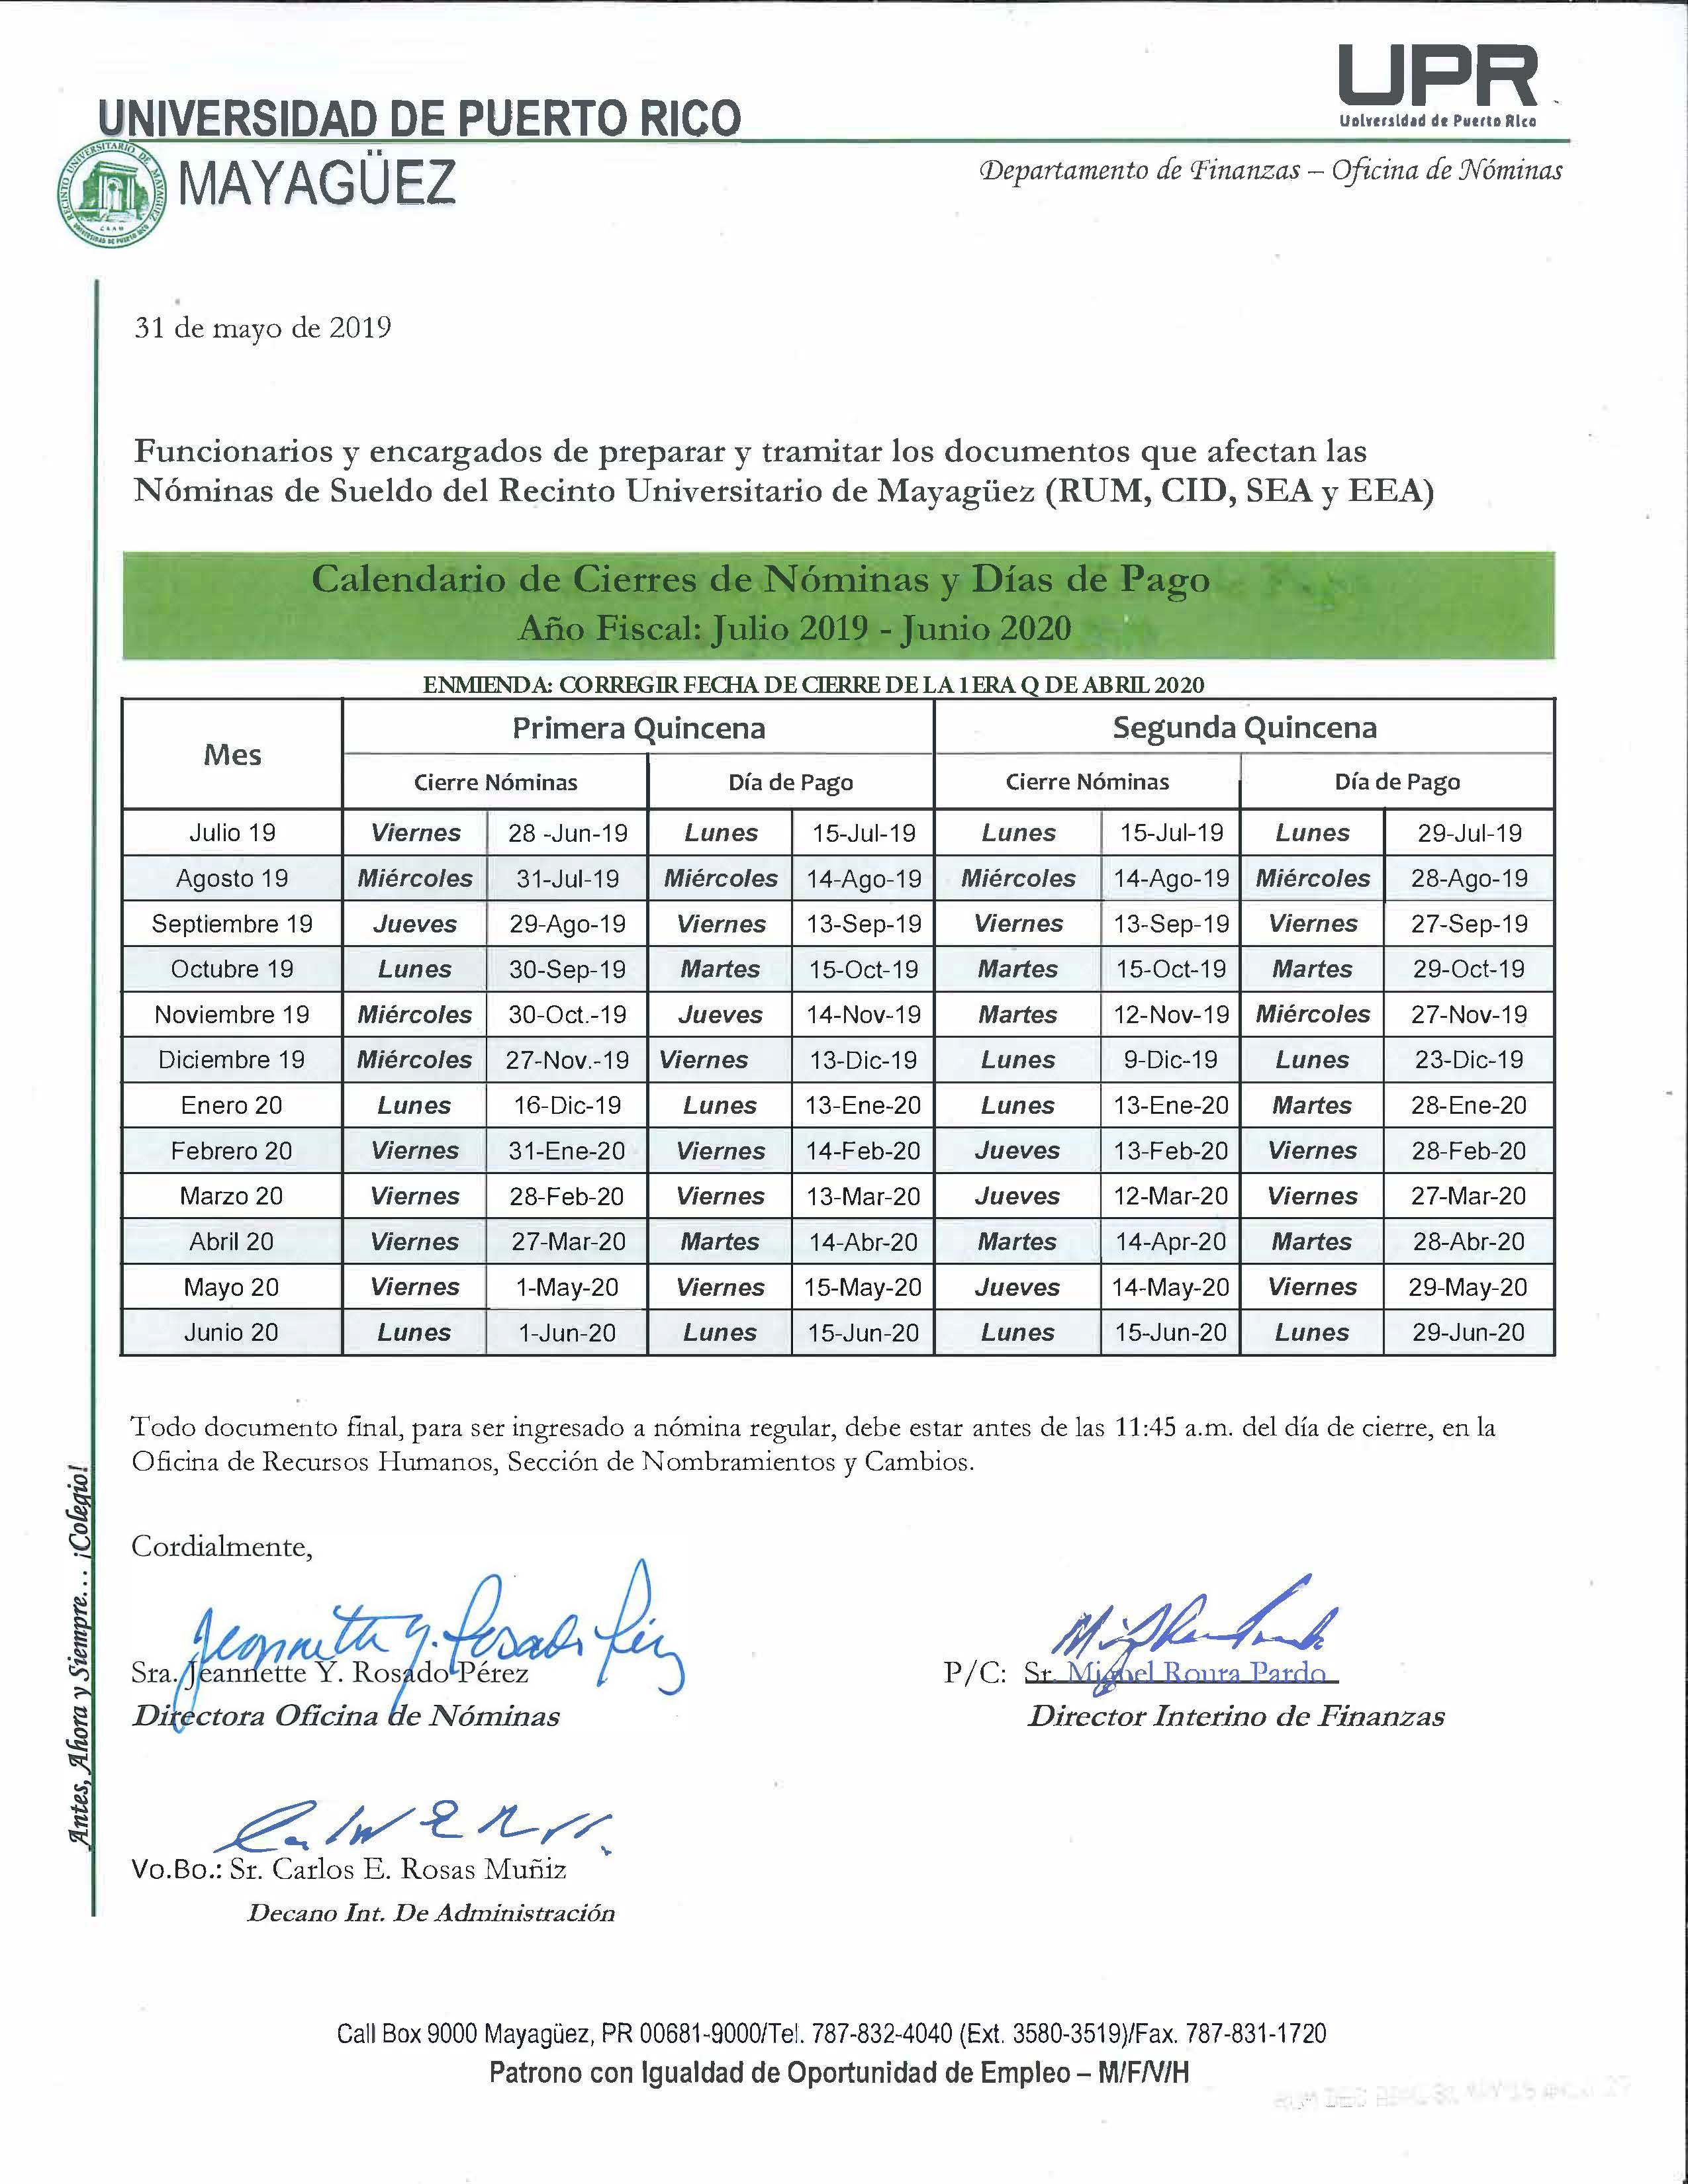 Calendario Junio Julio 2020.Calendario Cierre De Nominas 2019 2020 Decanato De Administracion